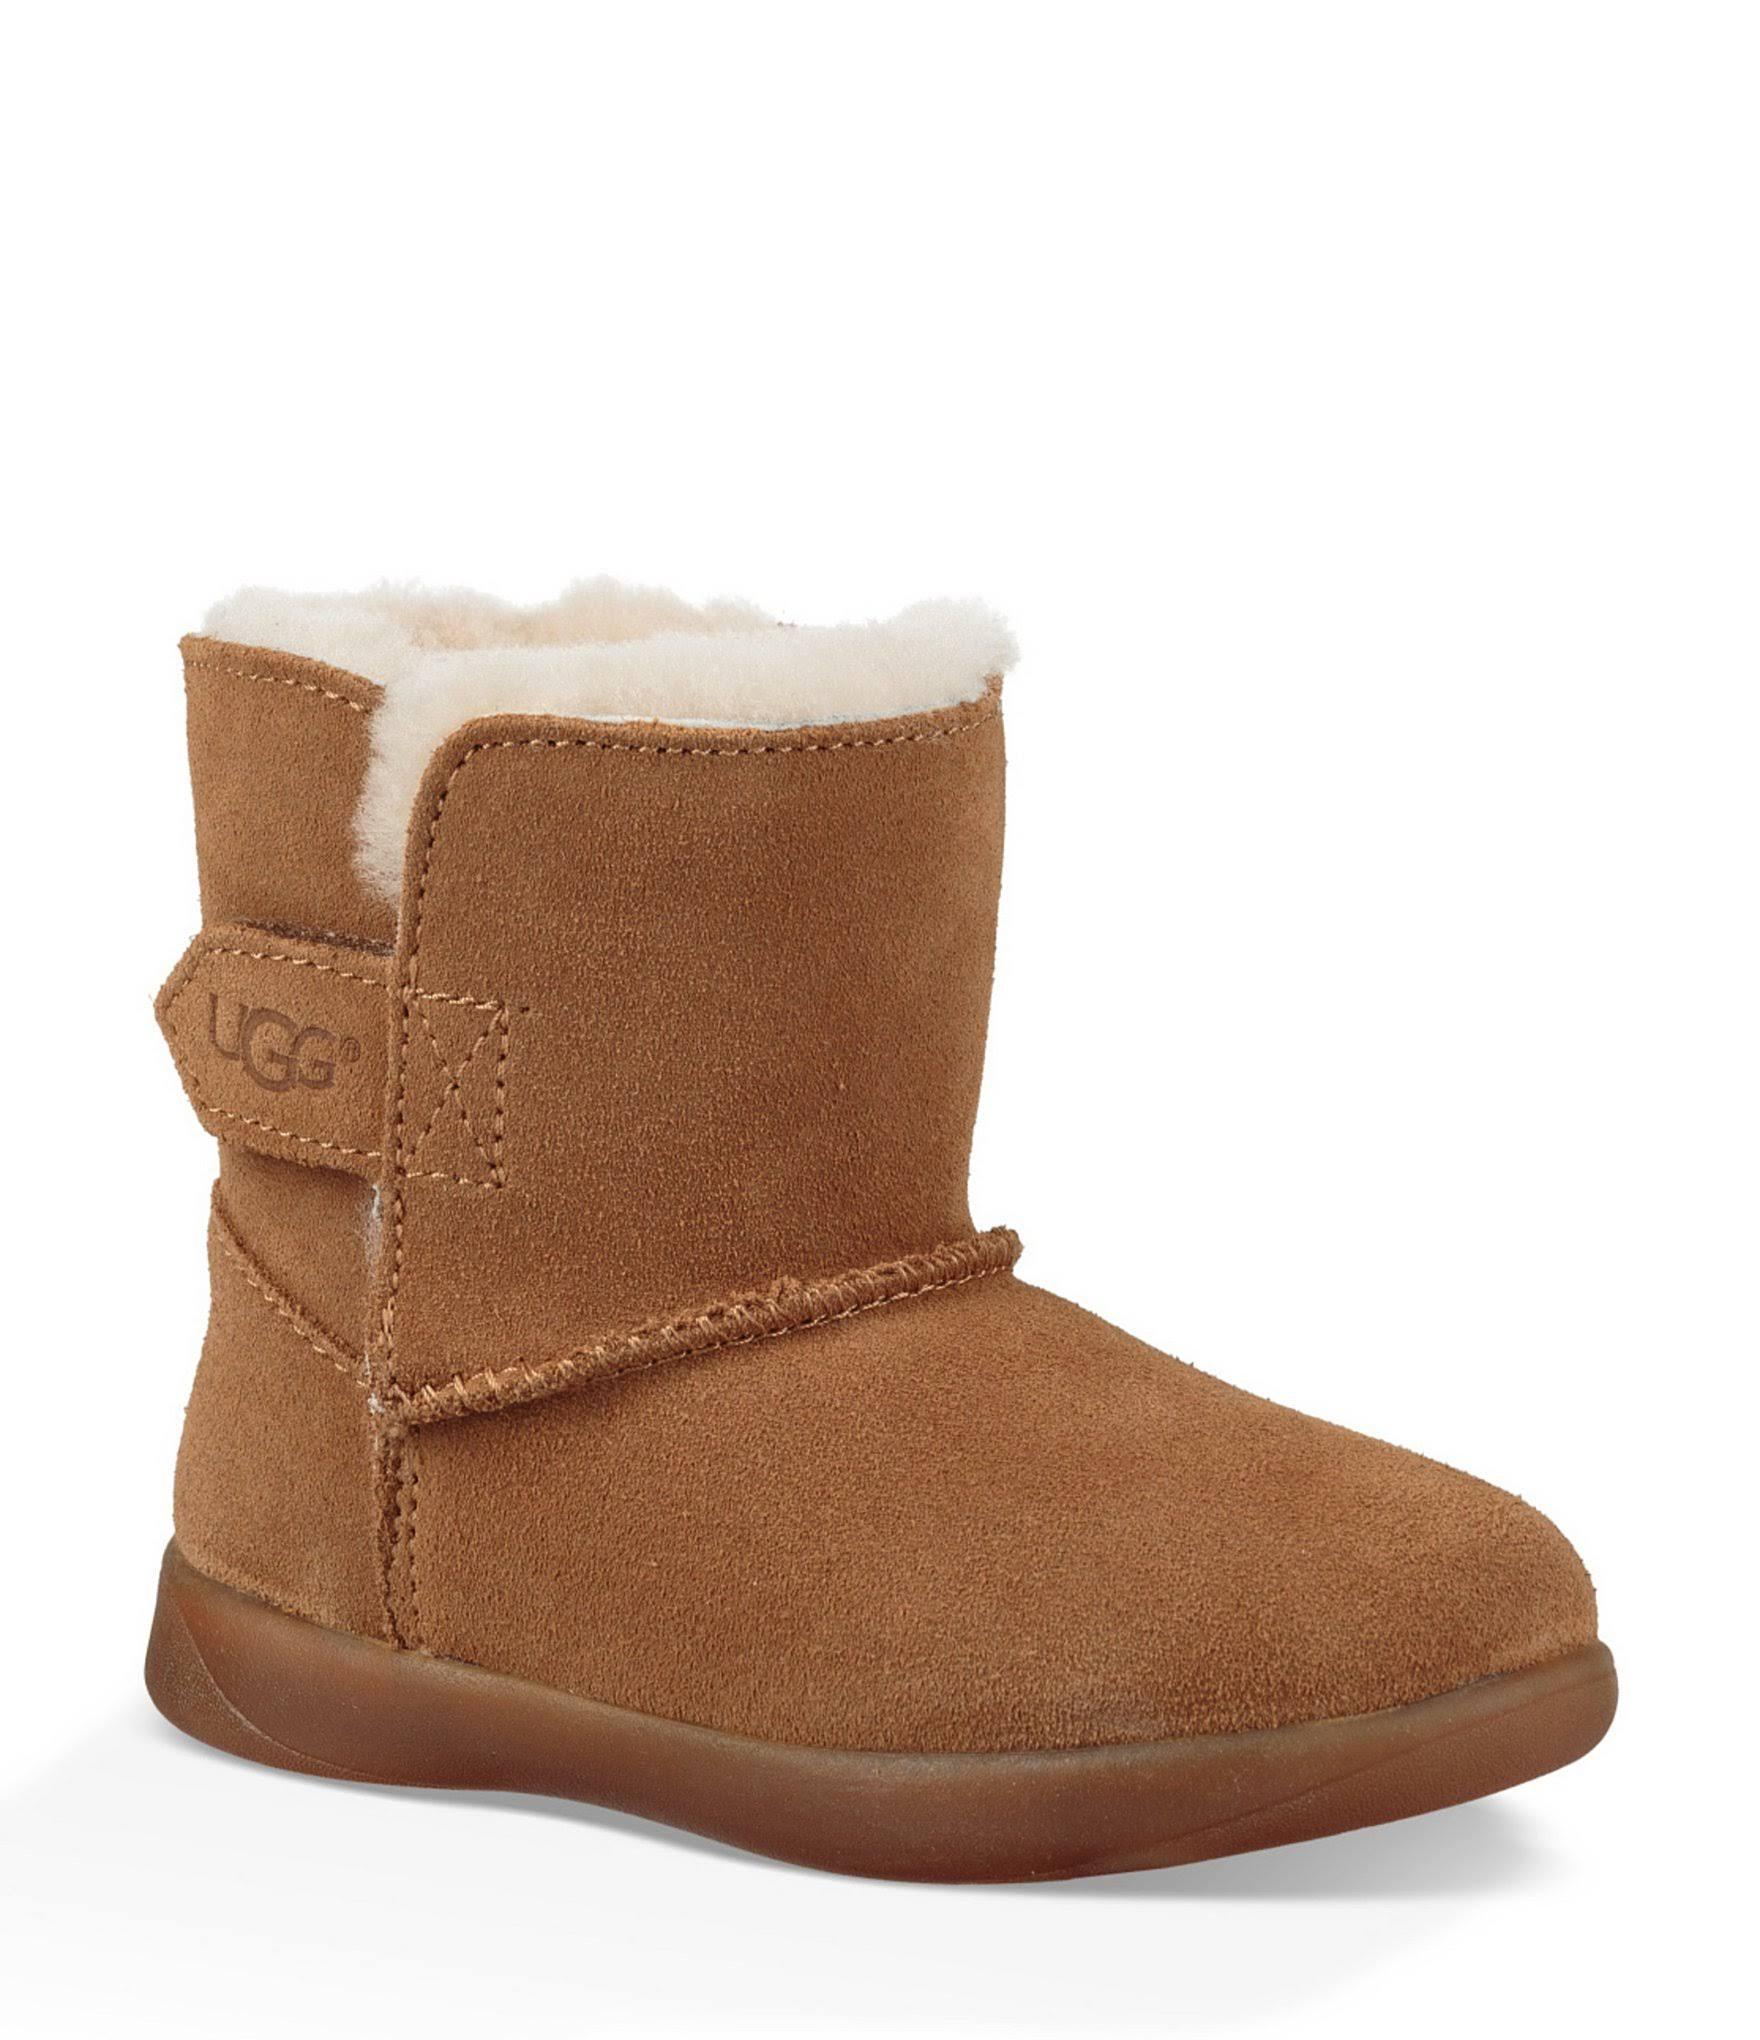 Ugg Ugg Baby Boot Baby Ugg Keelan Baby Keelan Boot Chestnut Chestnut Keelan OTPuZkiX